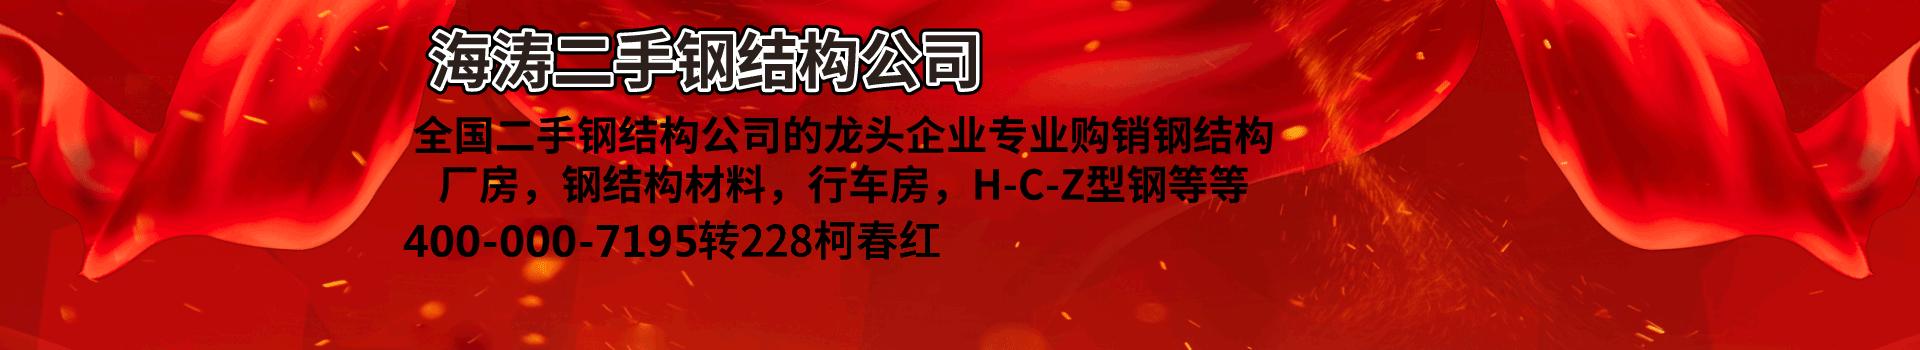 安徽海涛再生物资有限公司